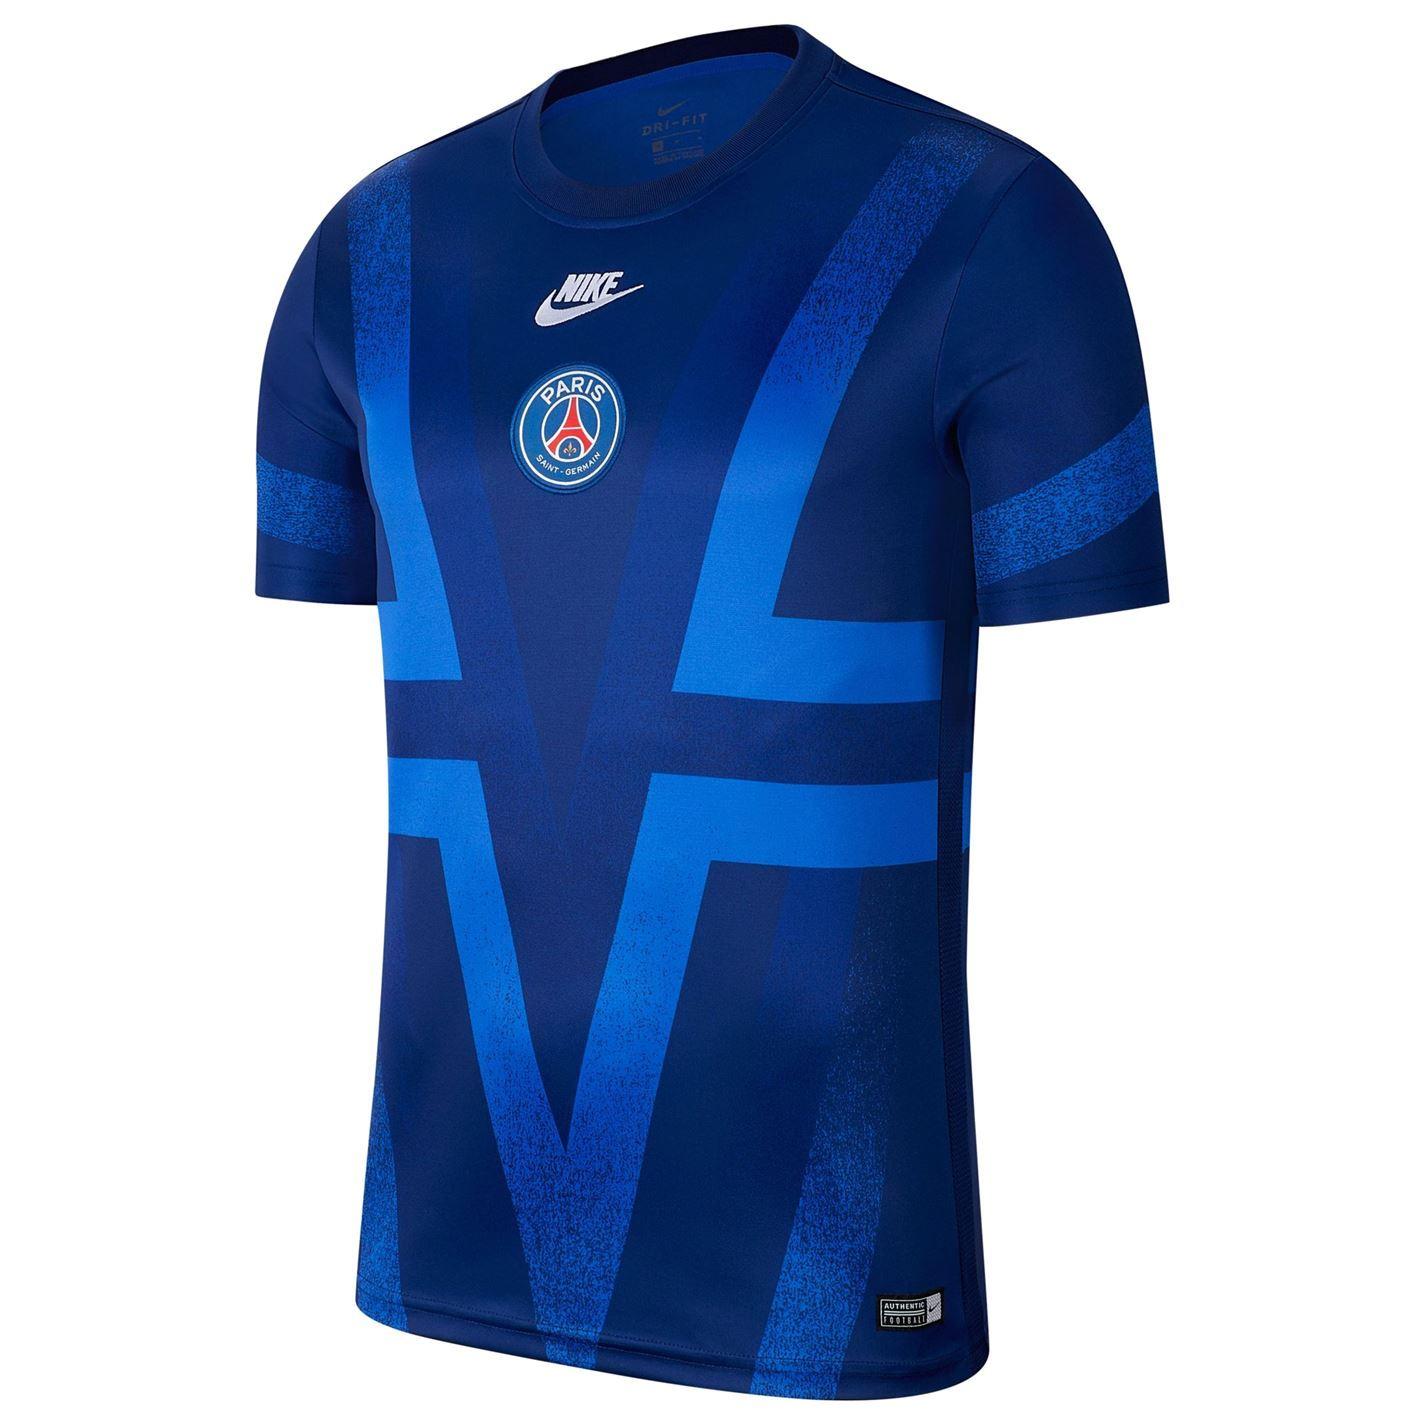 Nike Paris Saint Germain Pre Match European T Shirt 2019 2020 Mens Blue Top Tee Ebay